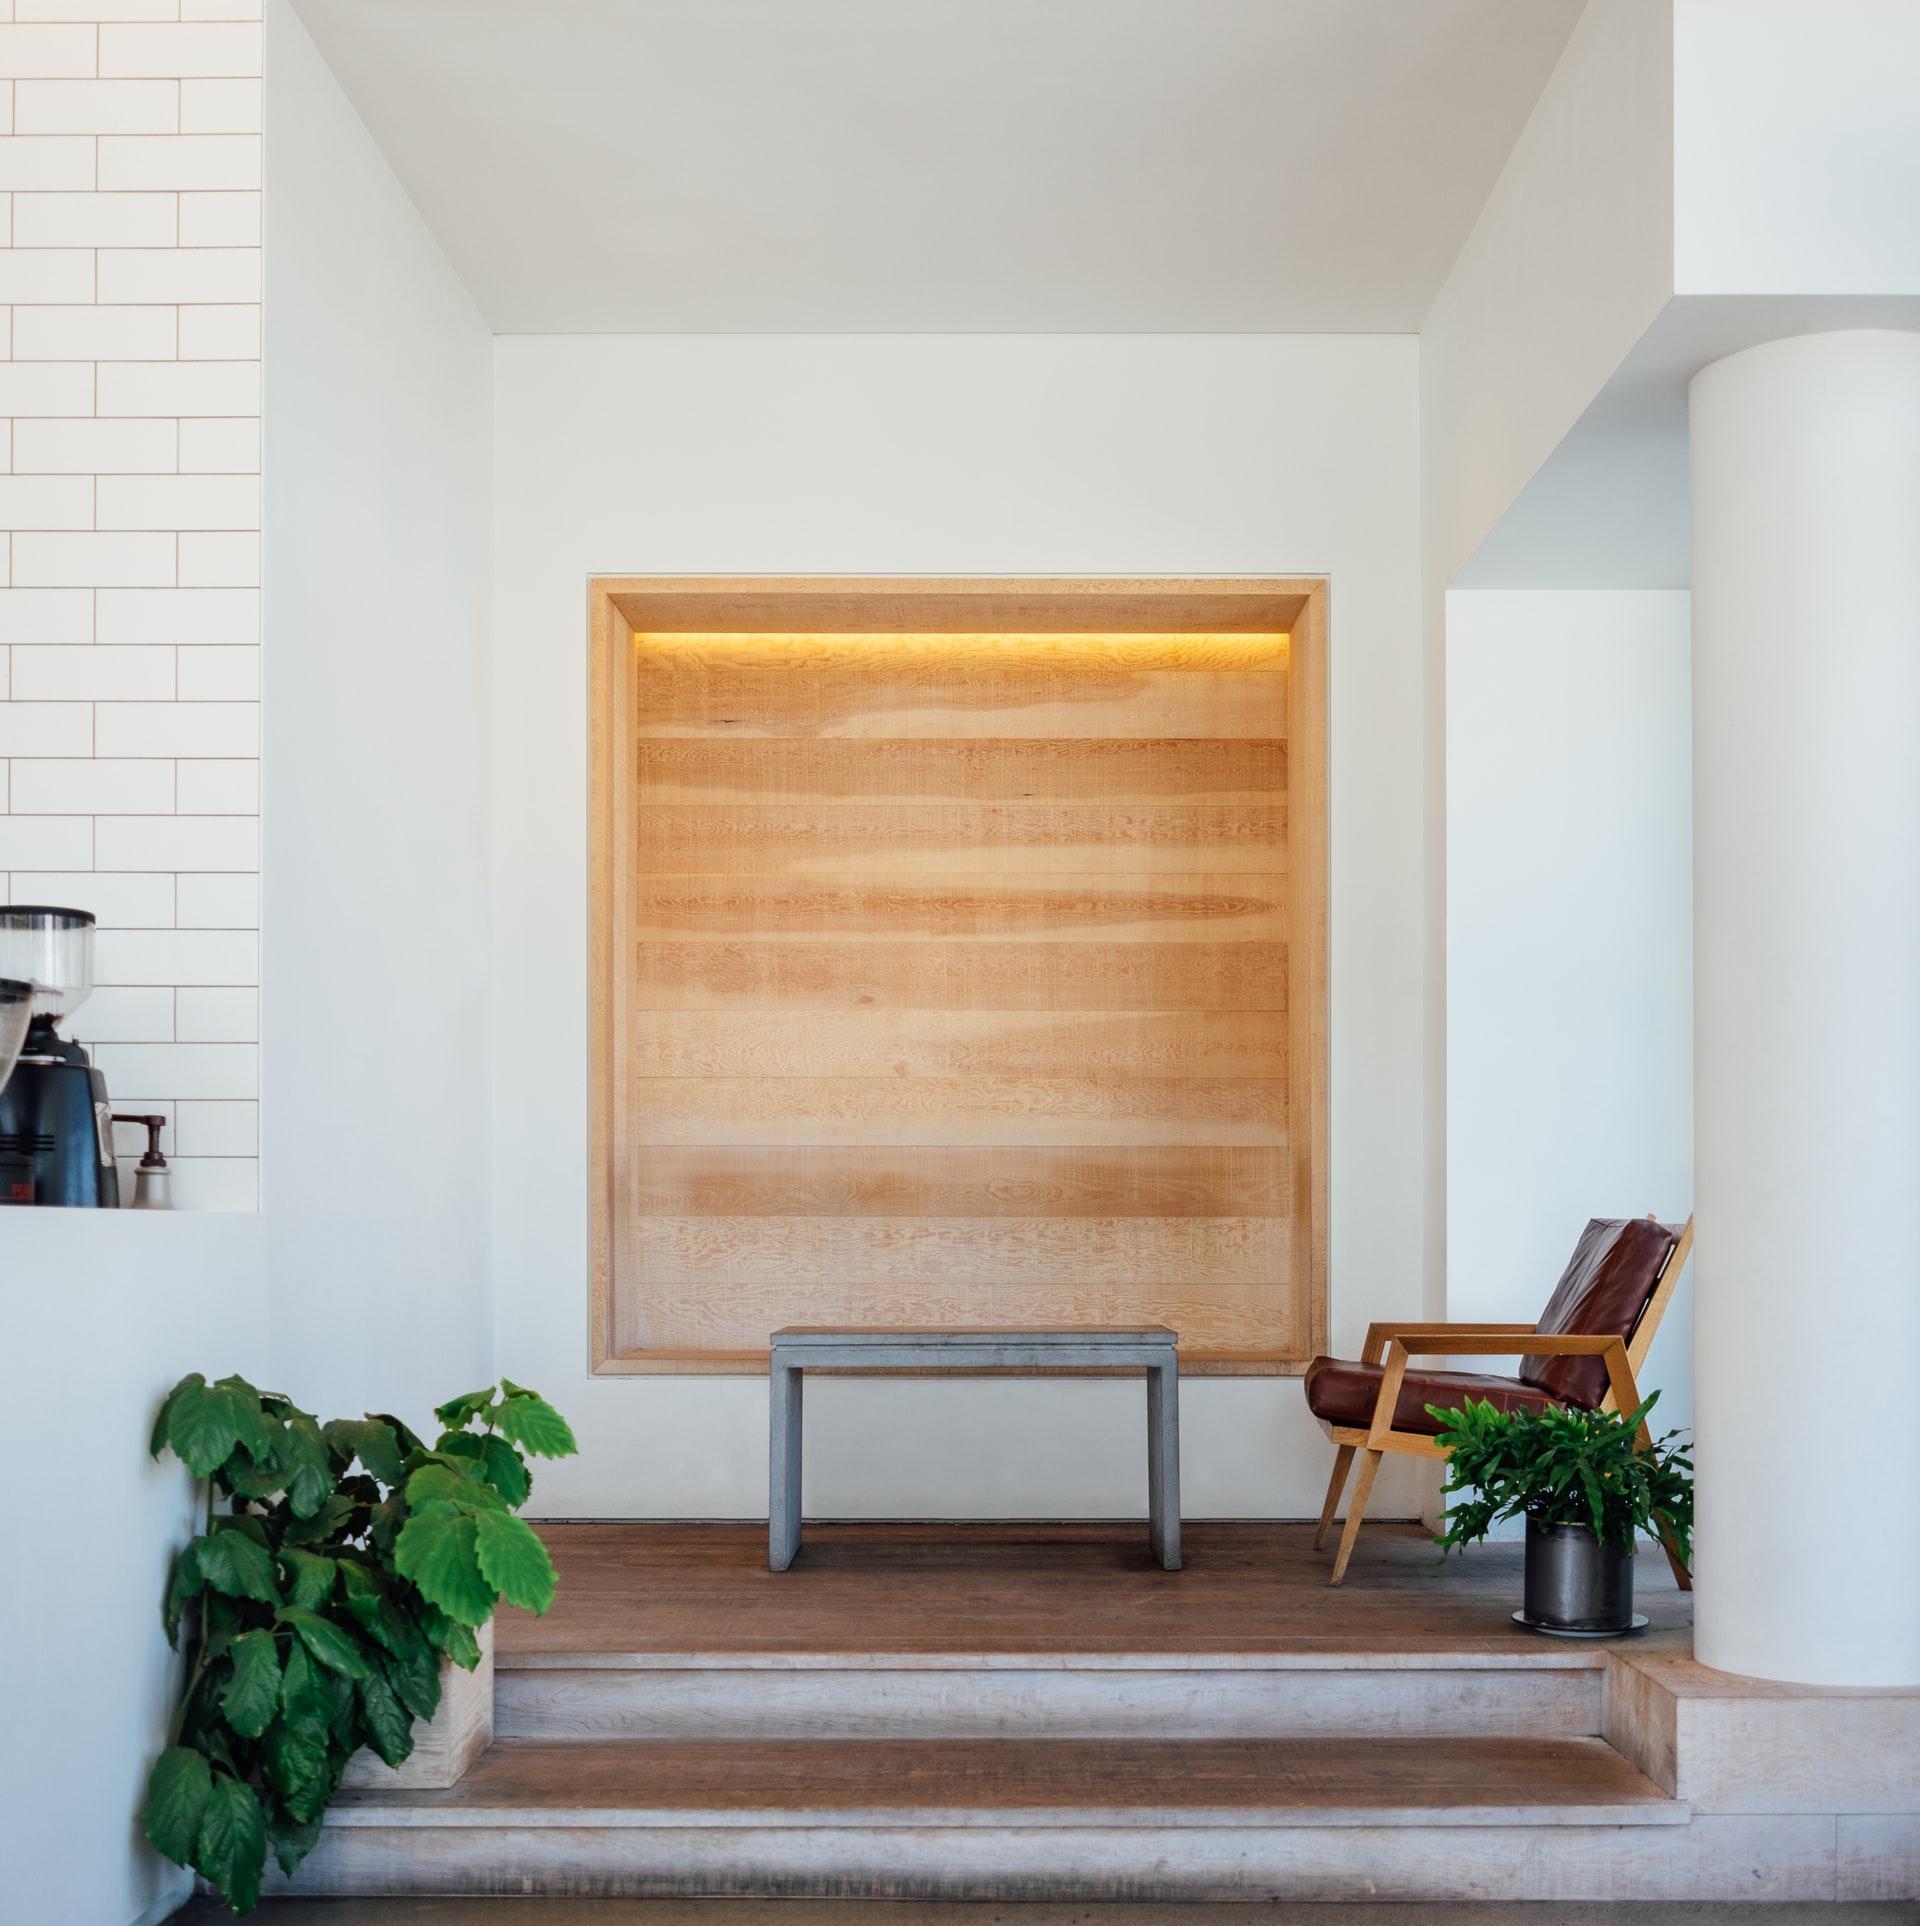 無添加計画で家を建てた人の本音の評判・口コミを暴露!坪単価や特徴・注意点まで分かる完全ガイド